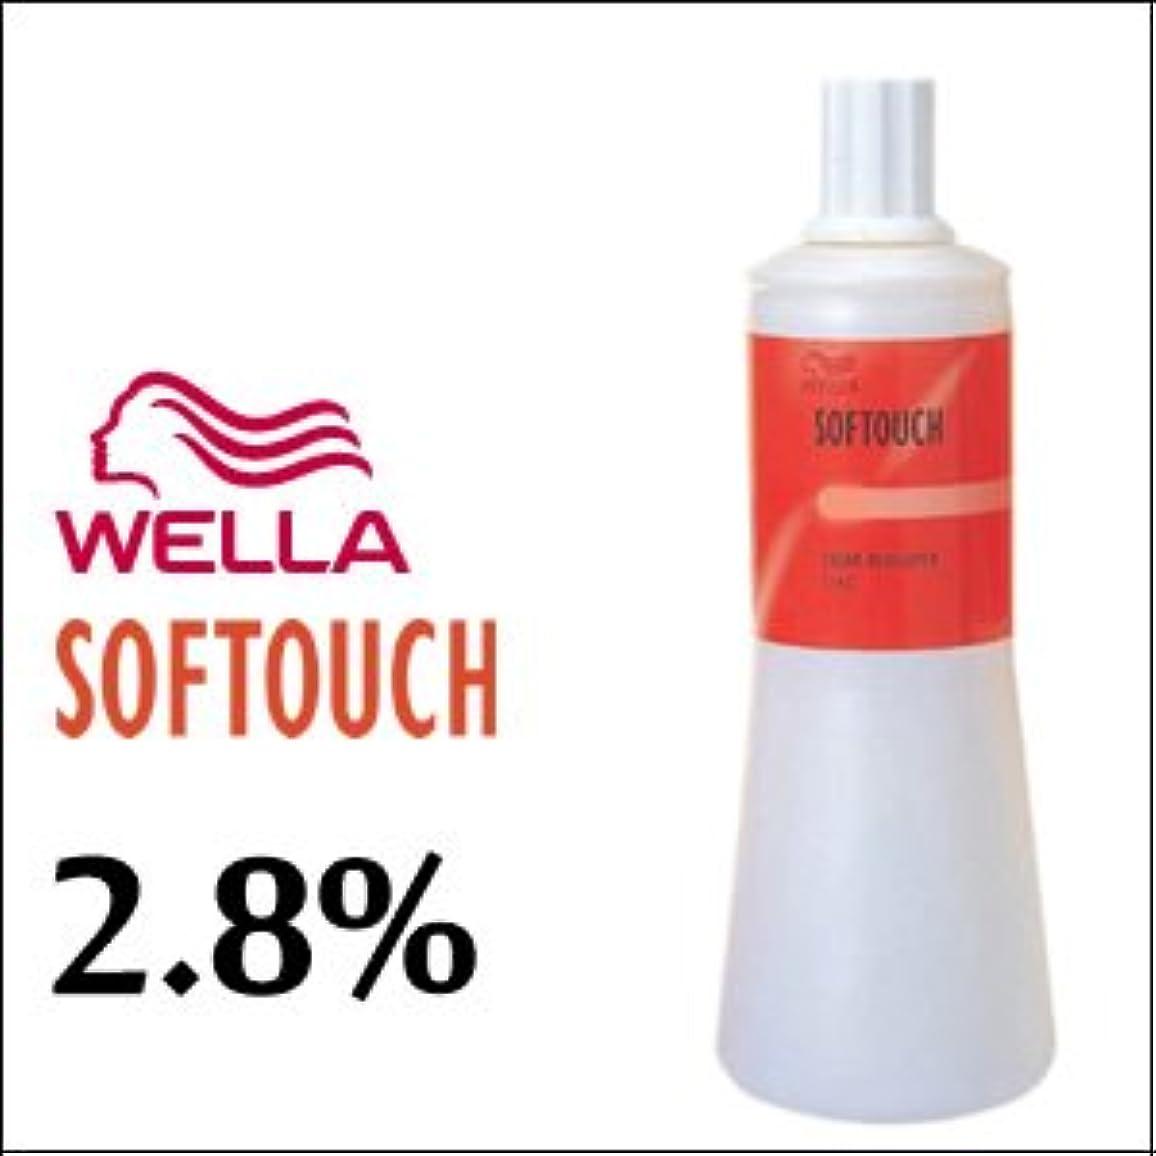 品揃え炭水化物うぬぼれウエラ ヘアカラー ソフタッチ クリームディベロッパー 2.8% 1L